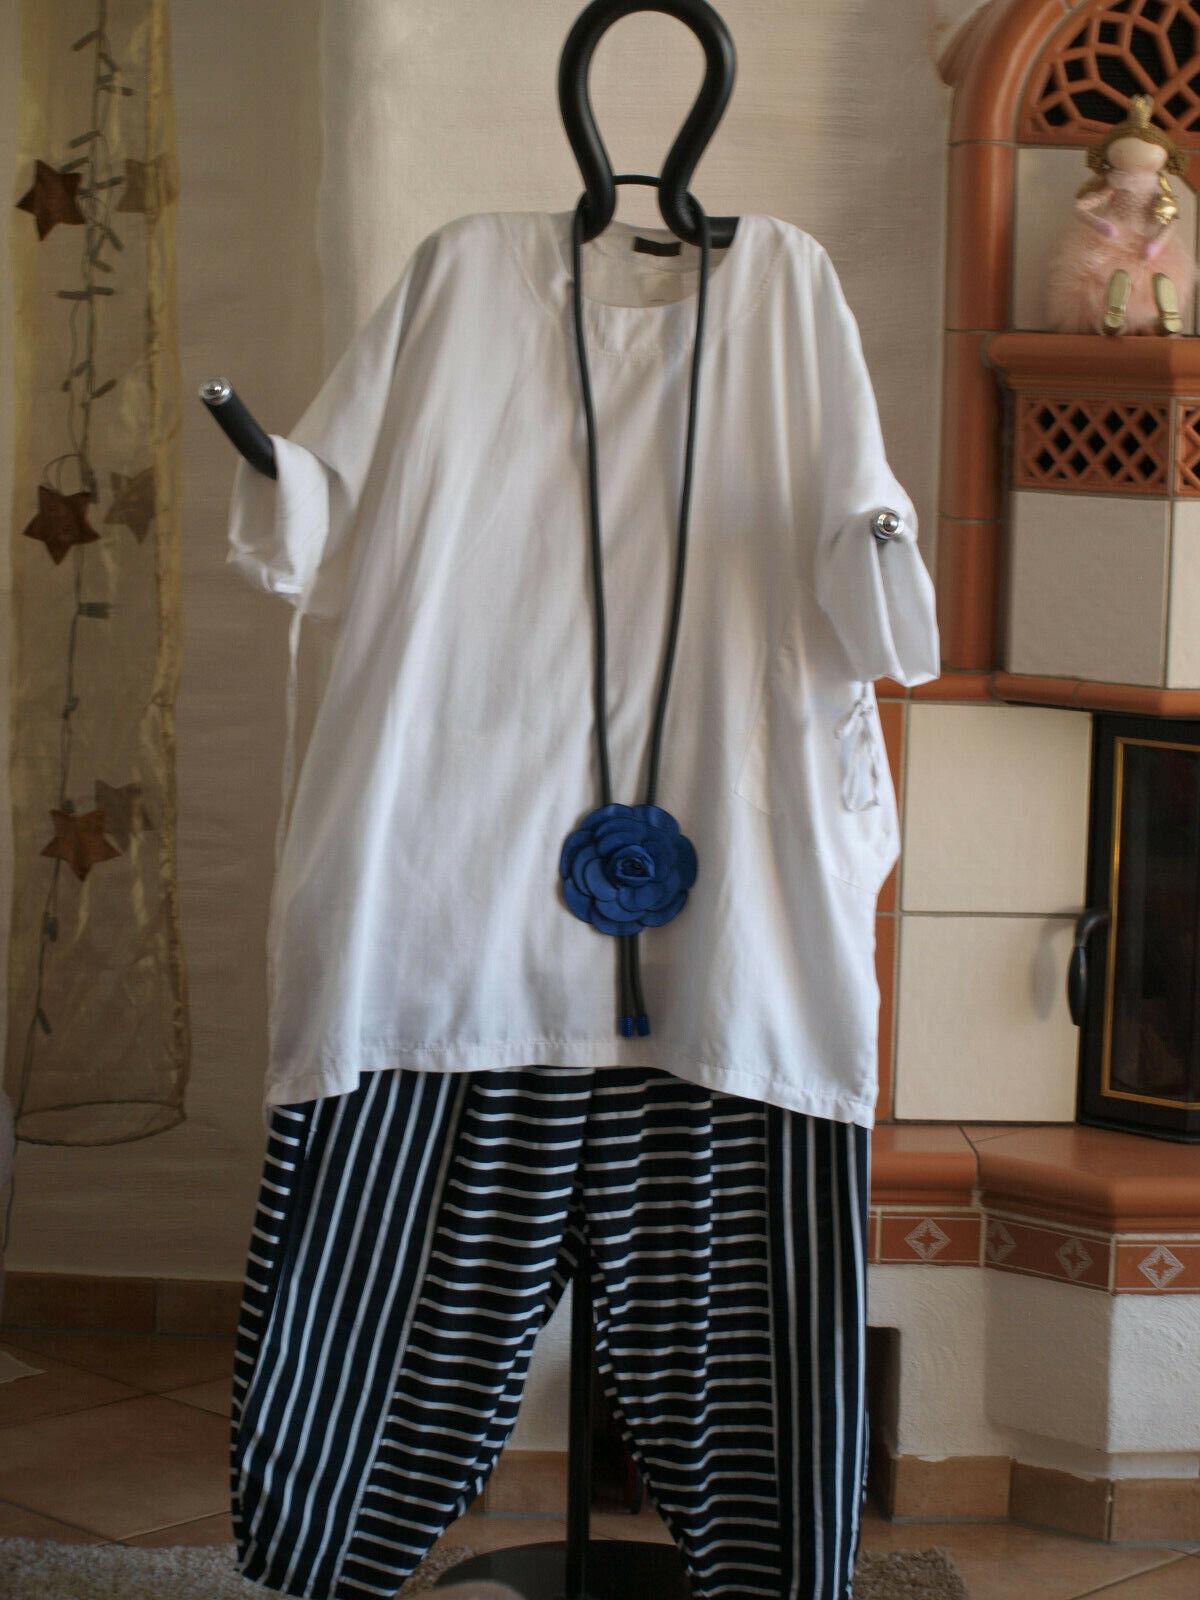 1951 LABASS Lagenlook Baumwoll Shirt mit Schal STRIPES weiß unifarben EG